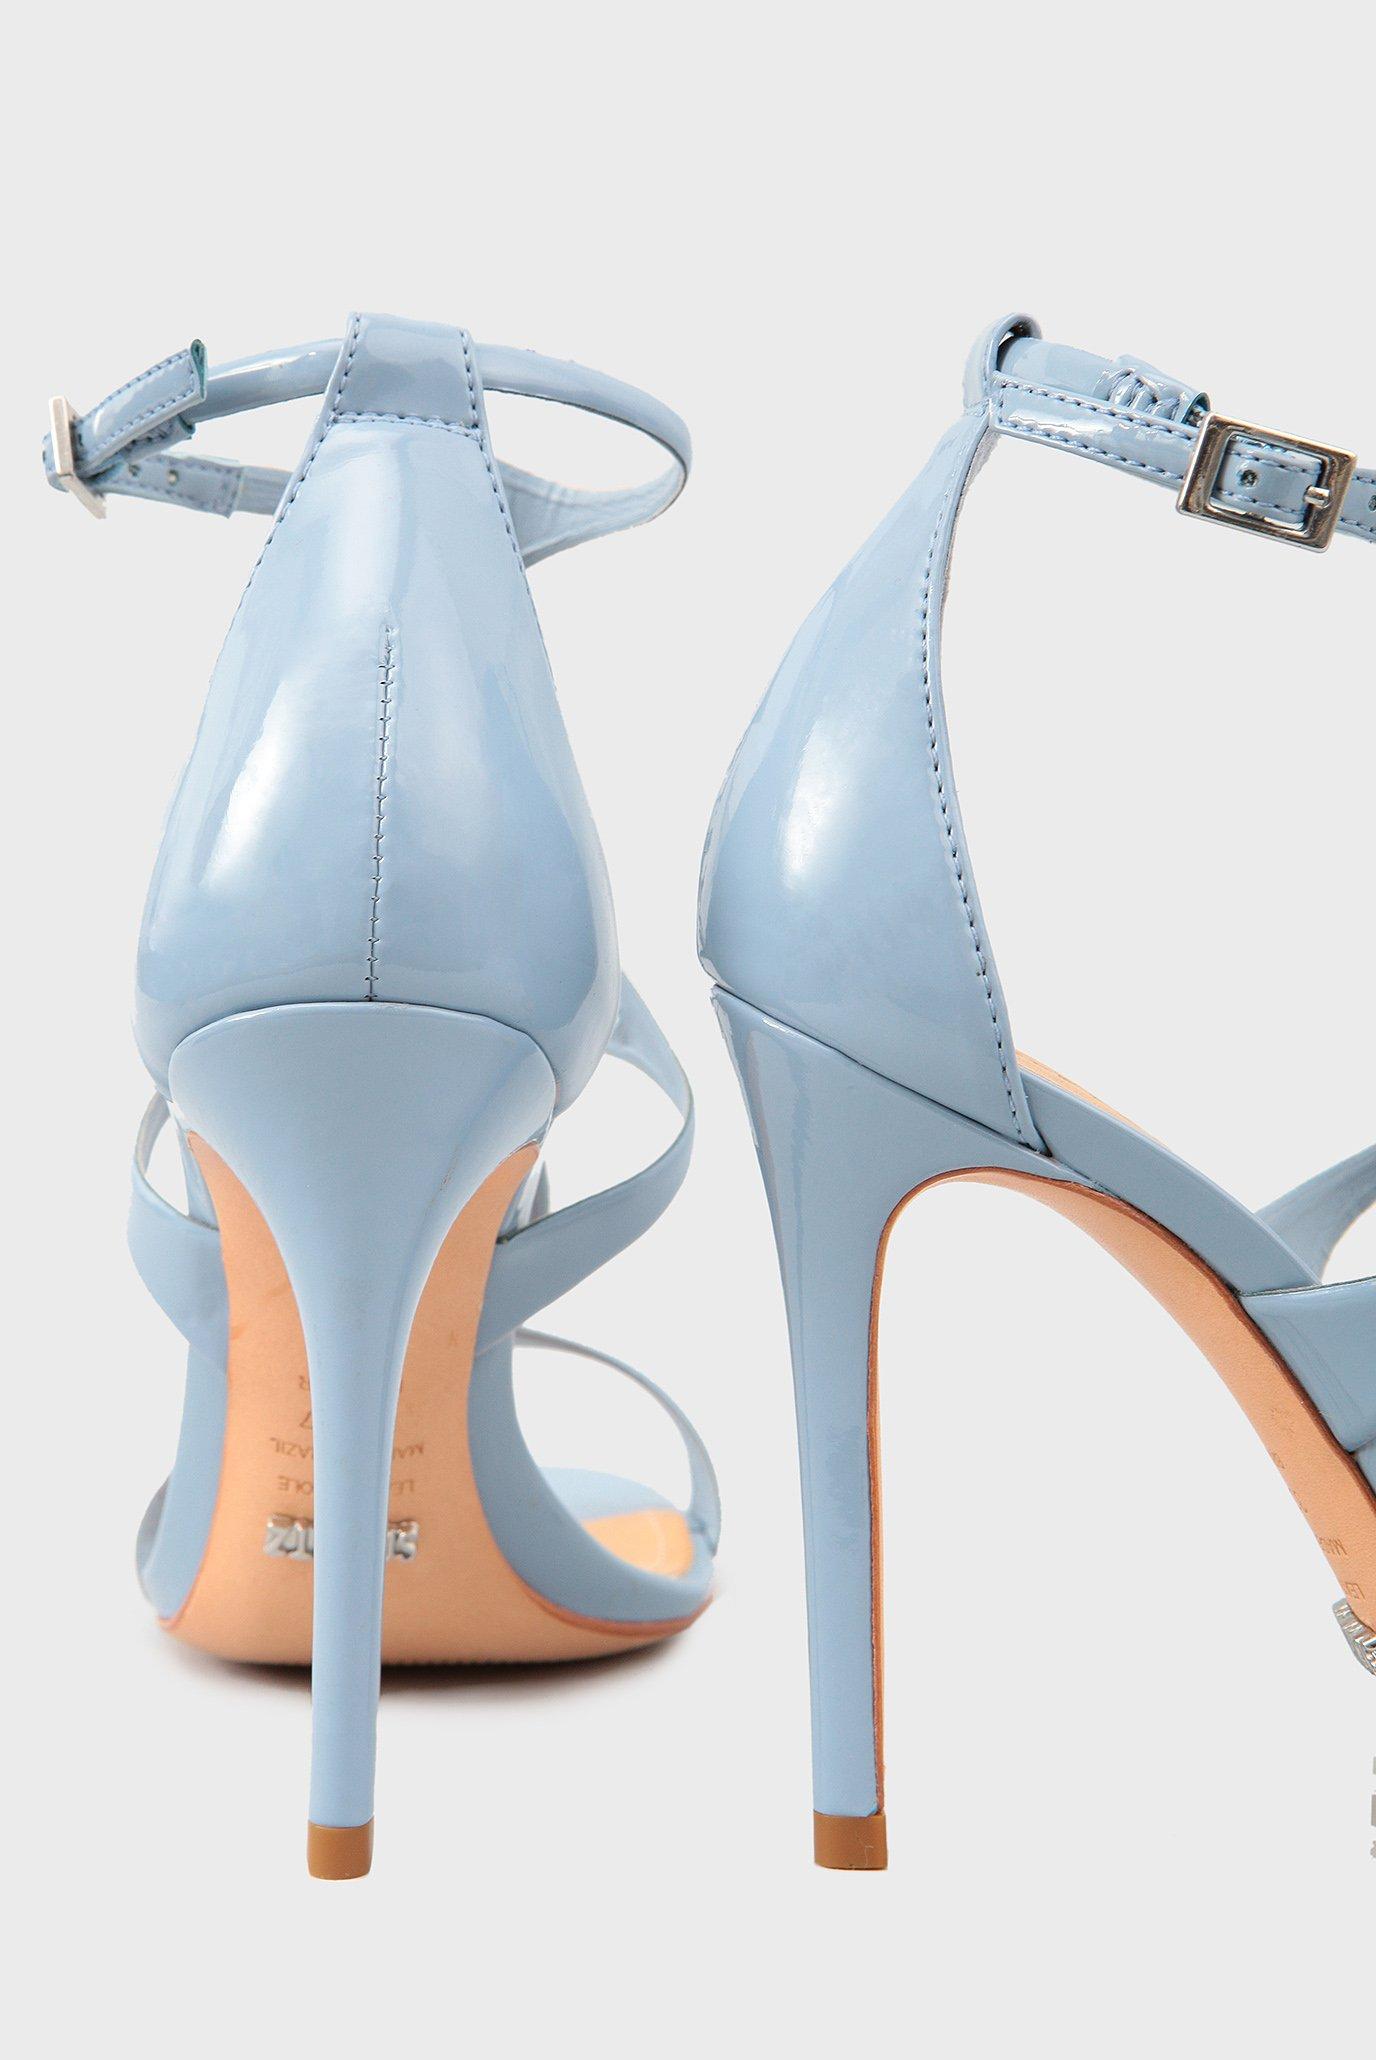 Купить Женские голубые босоножки Schutz  Schutz  S2024000260023 – Киев, Украина. Цены в интернет магазине MD Fashion